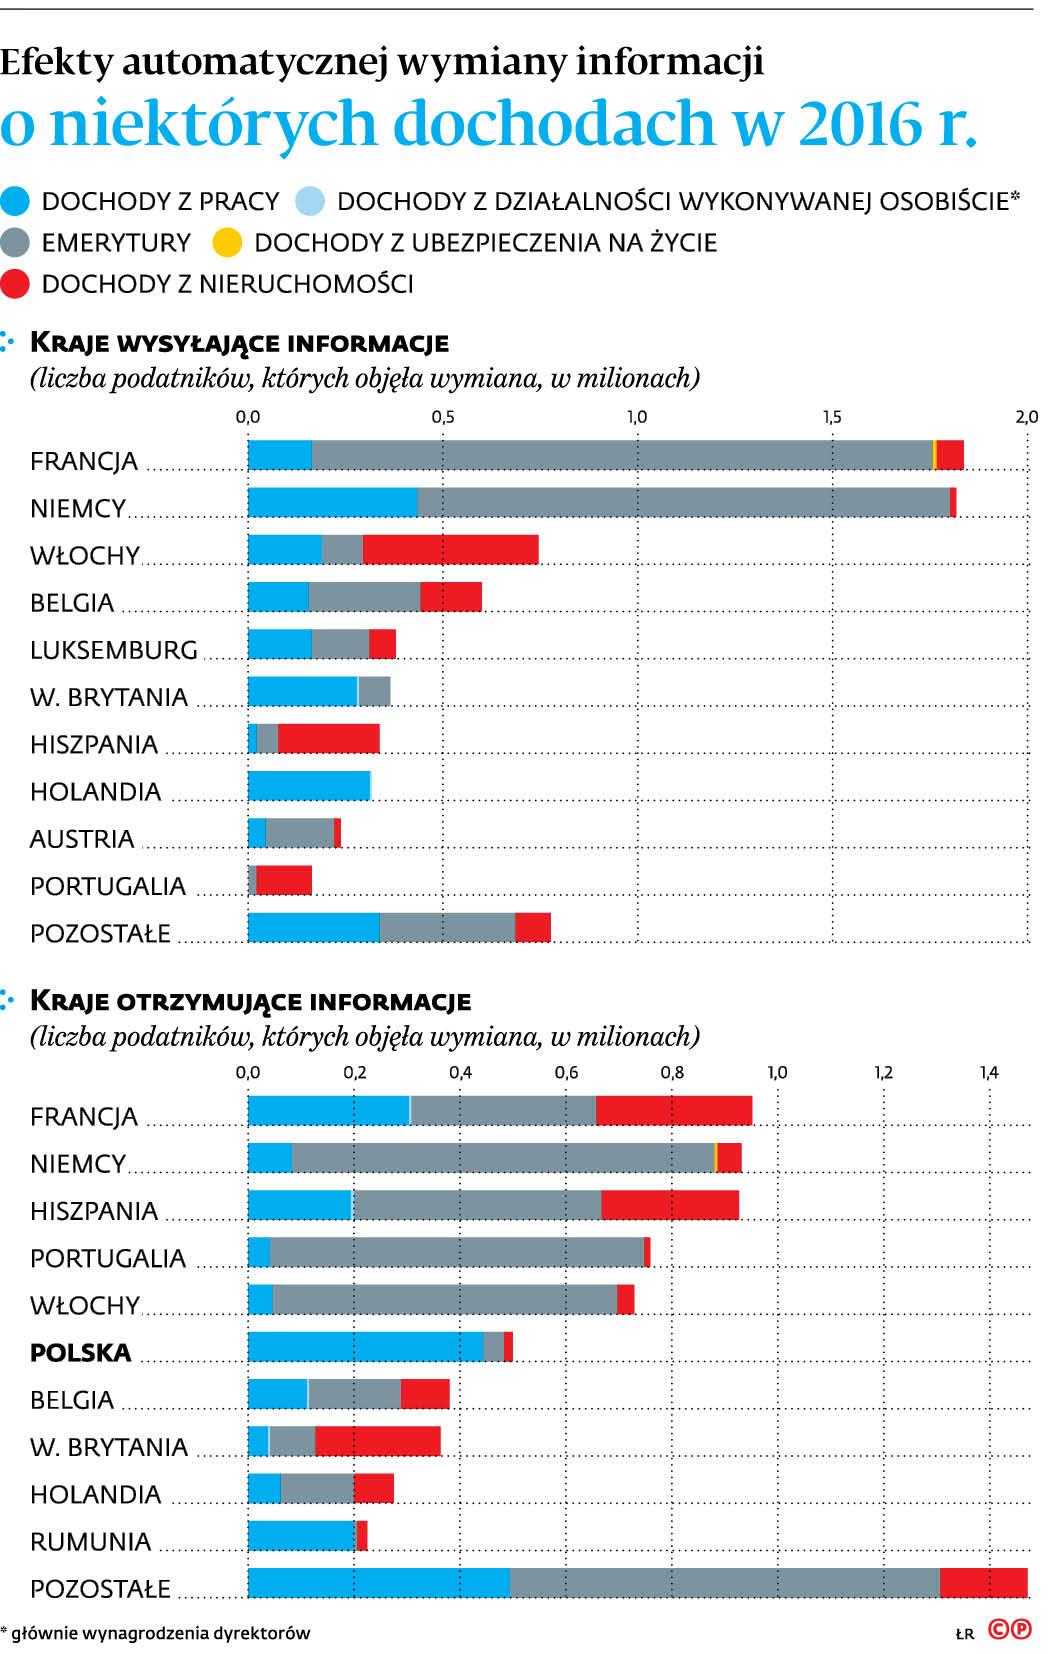 Efekty automatycznej wymiany informacji o niektórych dochodach w 2016 r.